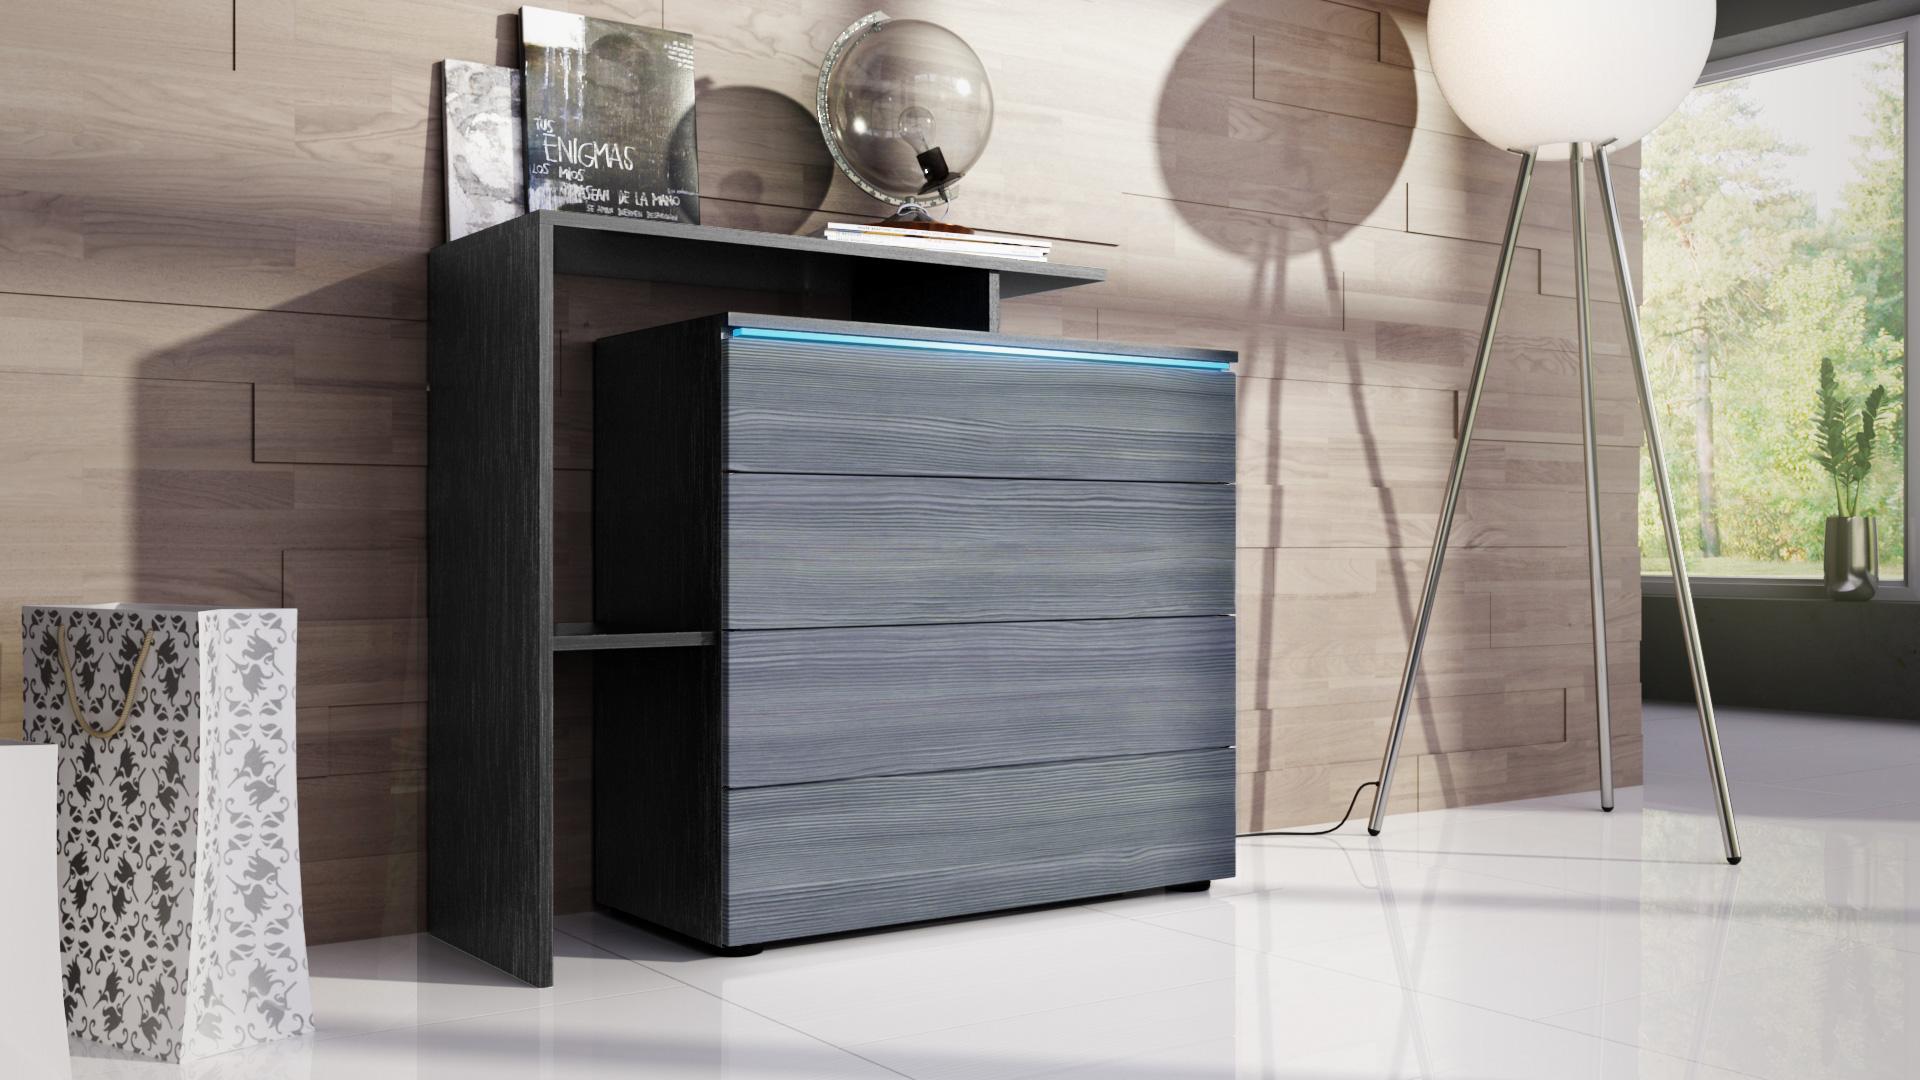 kommode schrank anrichte sideboard highboard m bel. Black Bedroom Furniture Sets. Home Design Ideas